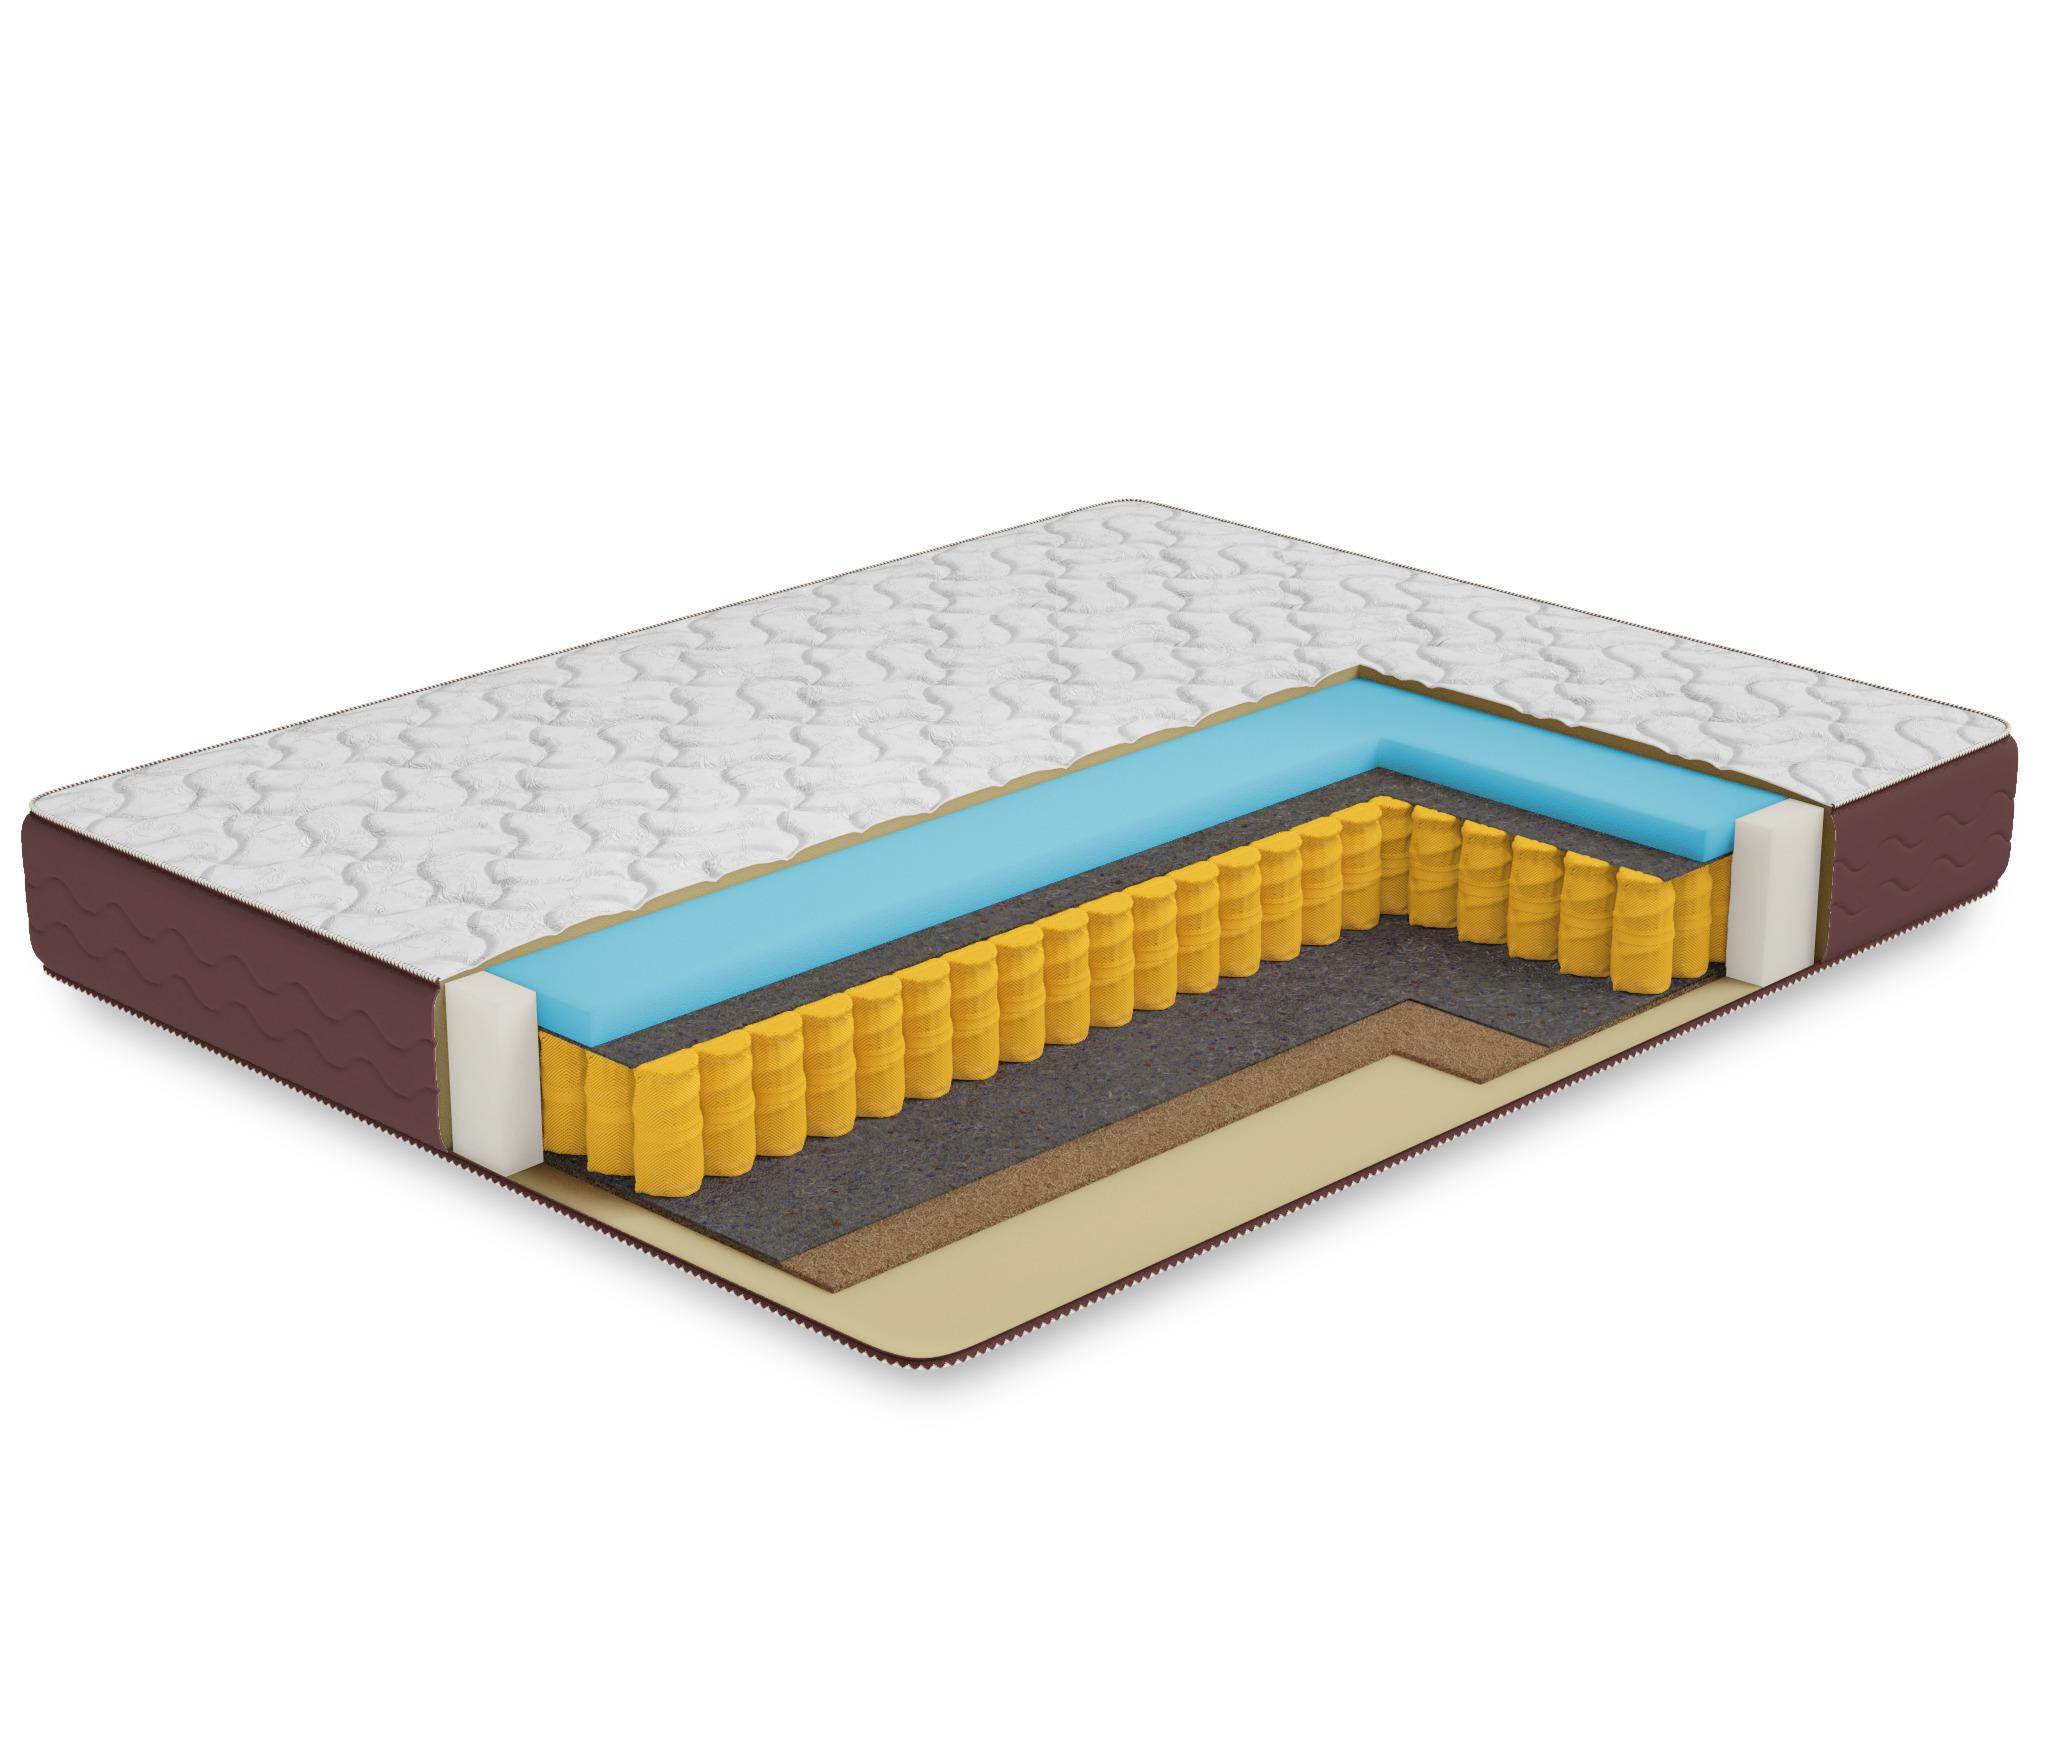 Матрас Премиум-Афина 1600*2000Мебель для спальни<br>Данный матрас имеет наполнители, которые по своему классу относятся к среднему и премиальному ценовому сегменту, в соот-ии с этим наполнением был подобран новый чехол, без изменения внутреннего наполнения матраса.Состав:4 см мемориТермоволокноБлок независимых пружин 500 шт/м2Термоволокно1 см латексированный кокосовый листЧехол двойной жаккард стеганный на 15 мм пеныВысота 22 смНагрузка 130 кгЖесткость 1 –й стороны -2Жесткость 2-й стороны -3